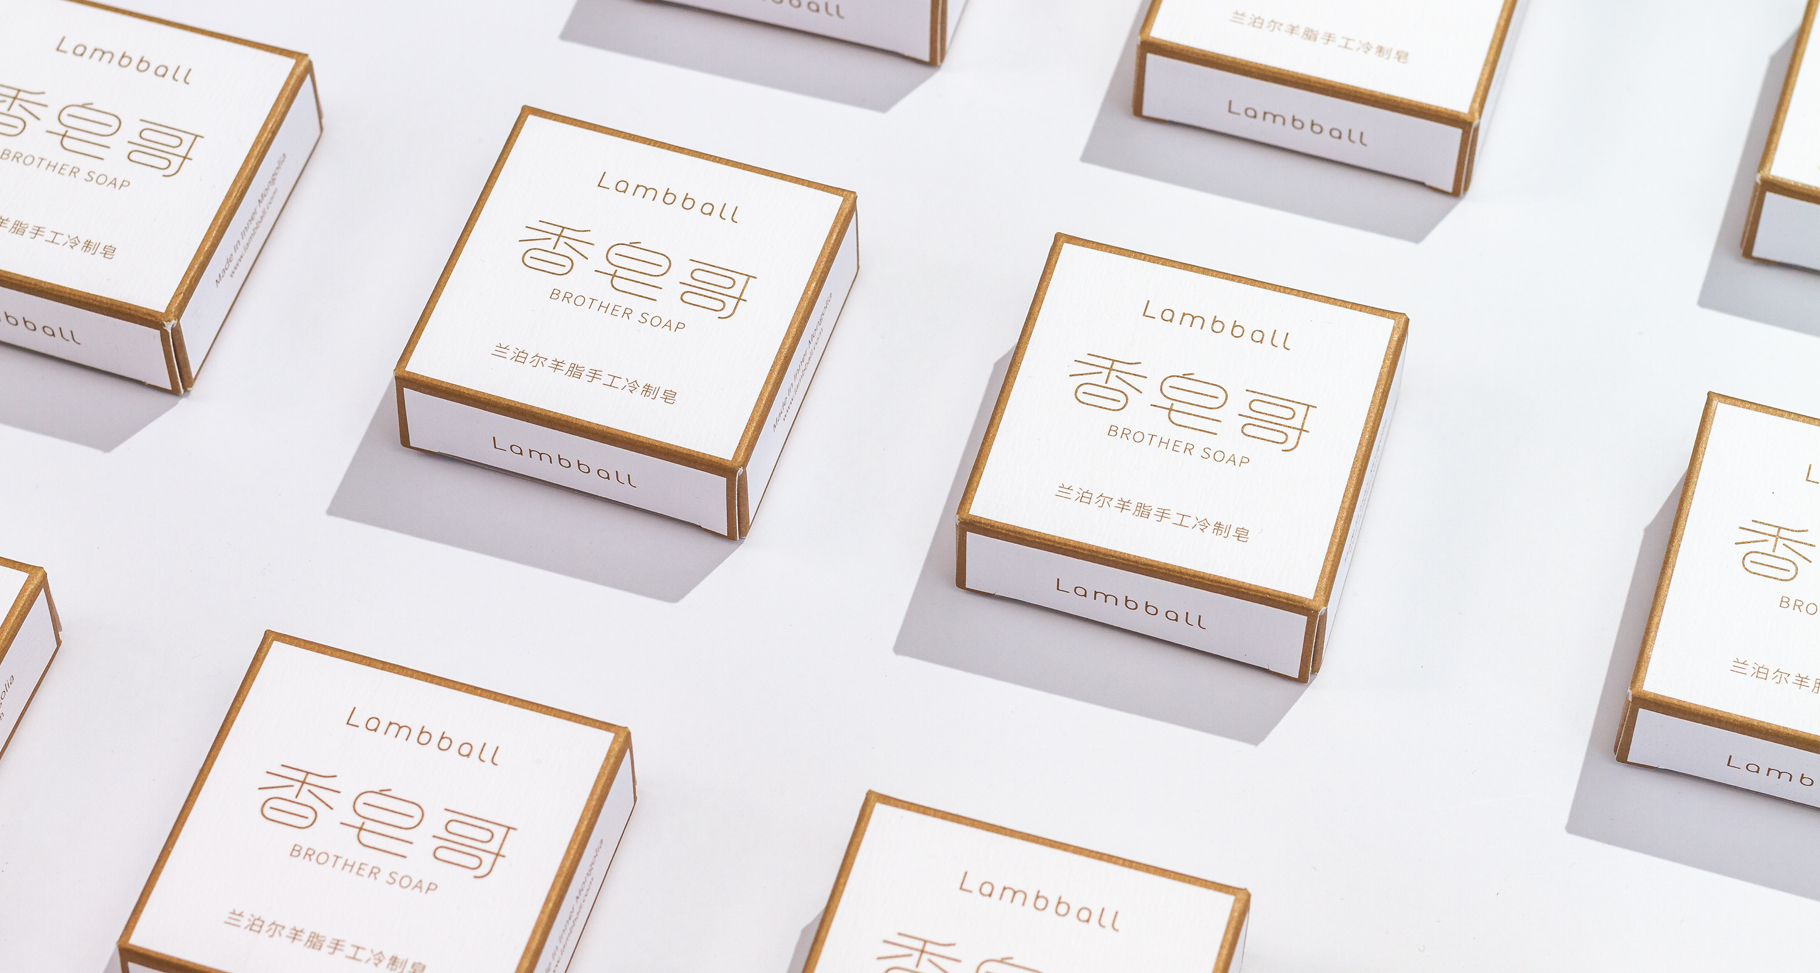 lambball品牌系列产品包装设计 第4张 lambball品牌系列产品包装设计 蒙古设计